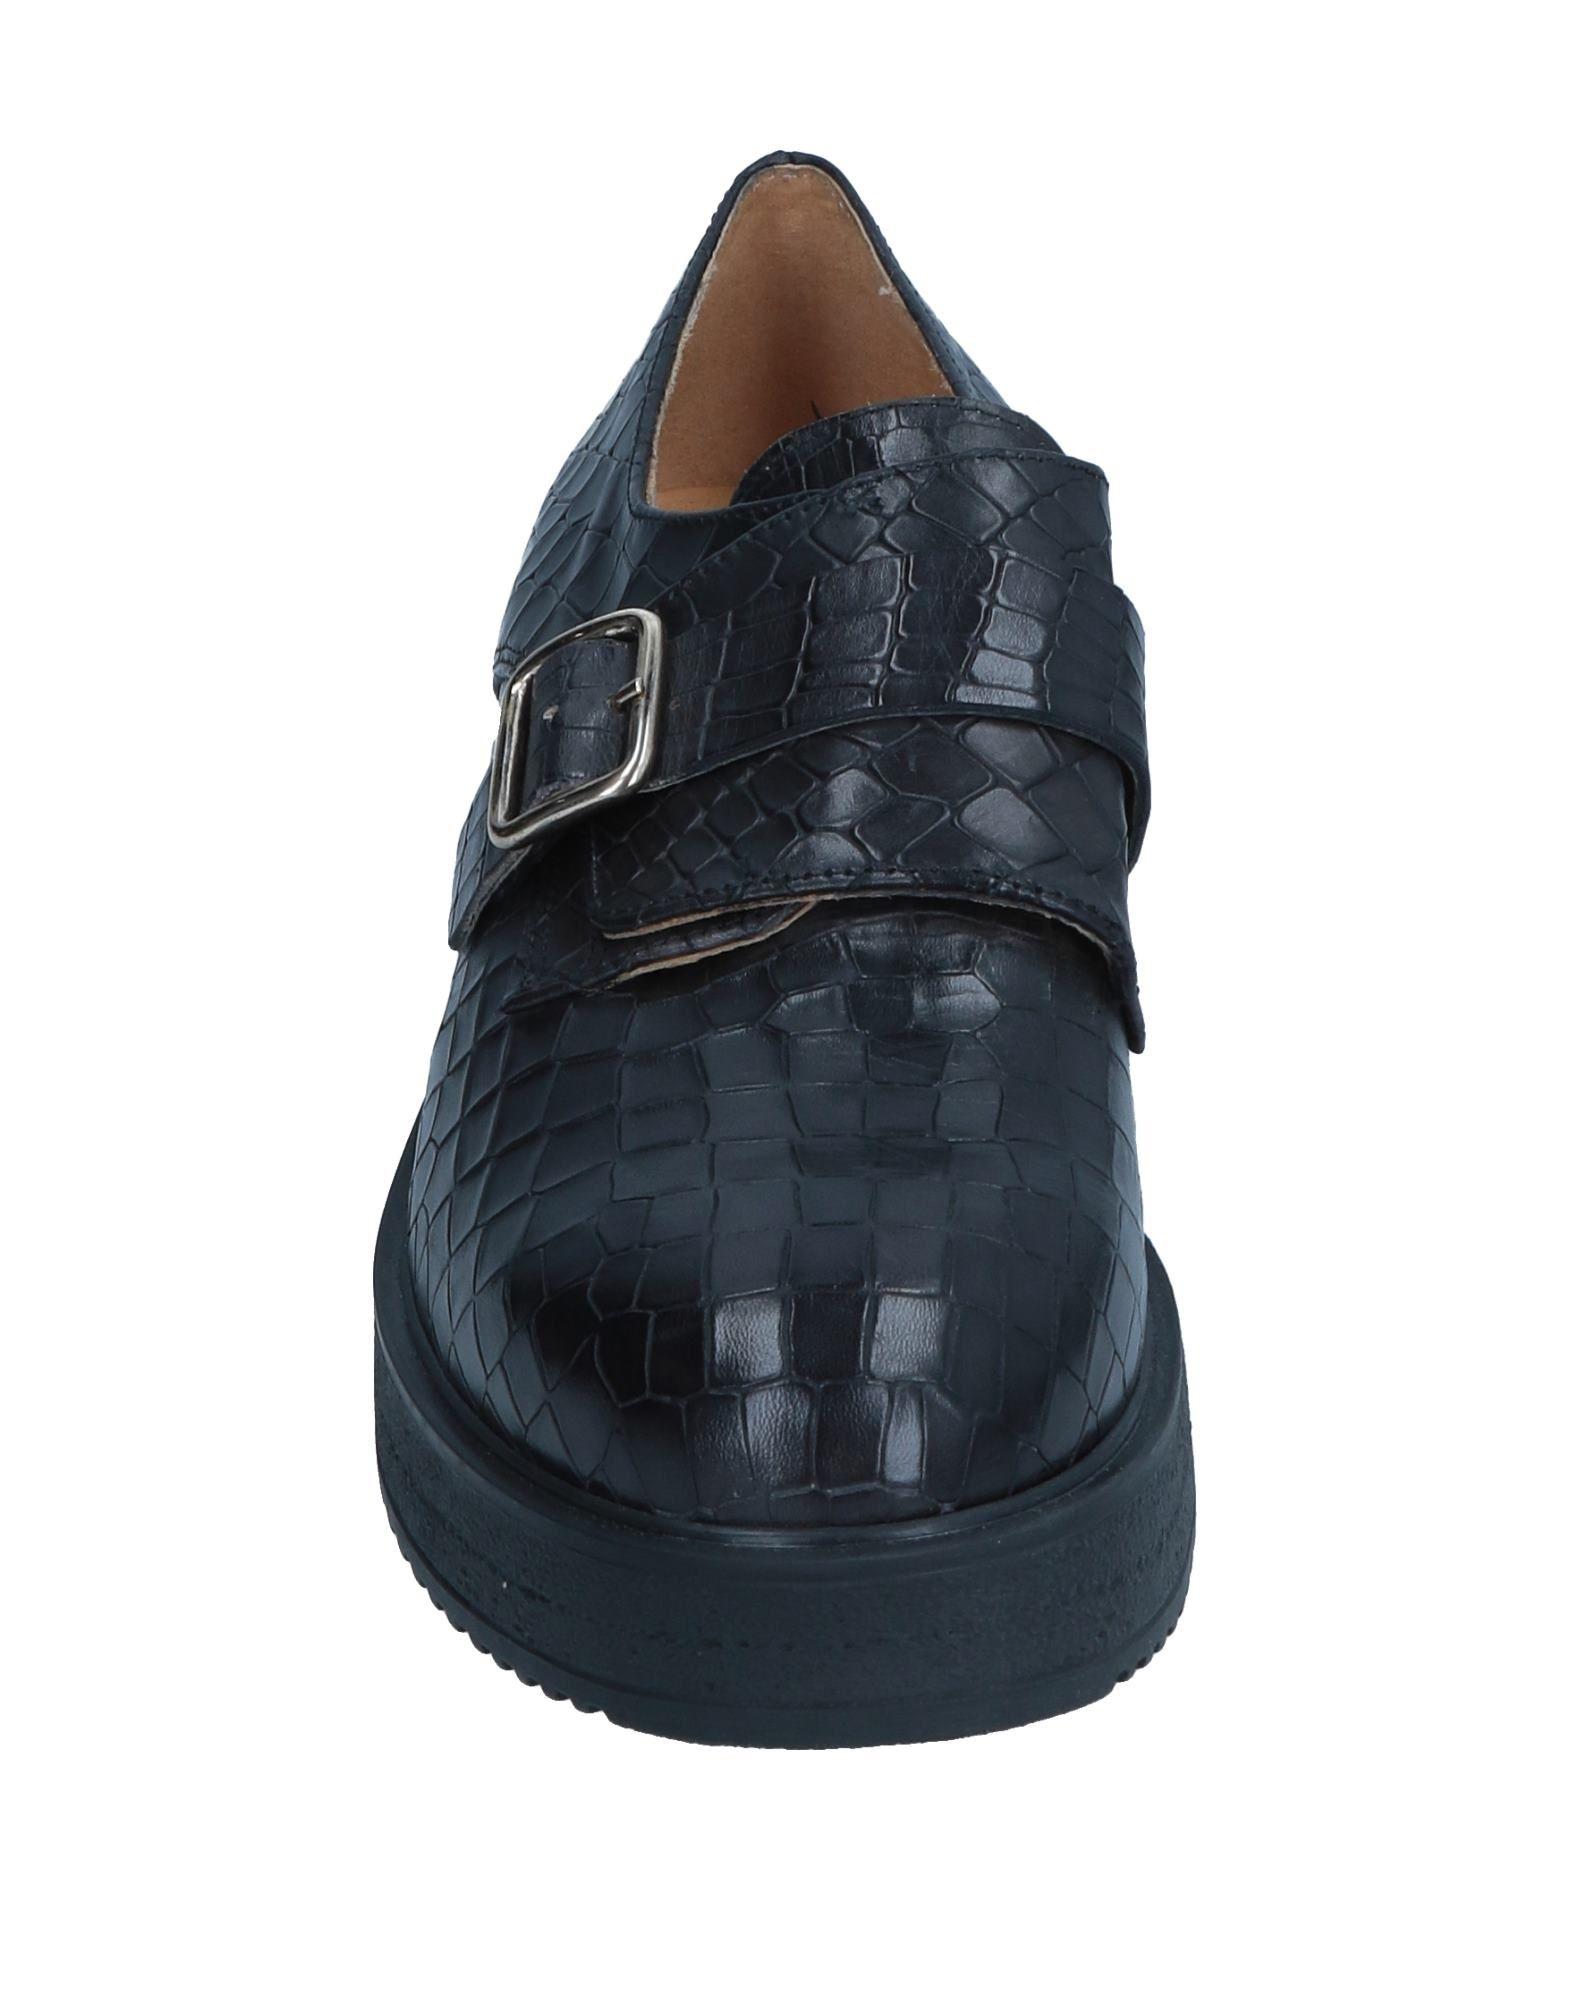 Pf16 Mokassins Damen Qualität  11289284NQ Gute Qualität Damen beliebte Schuhe 526096